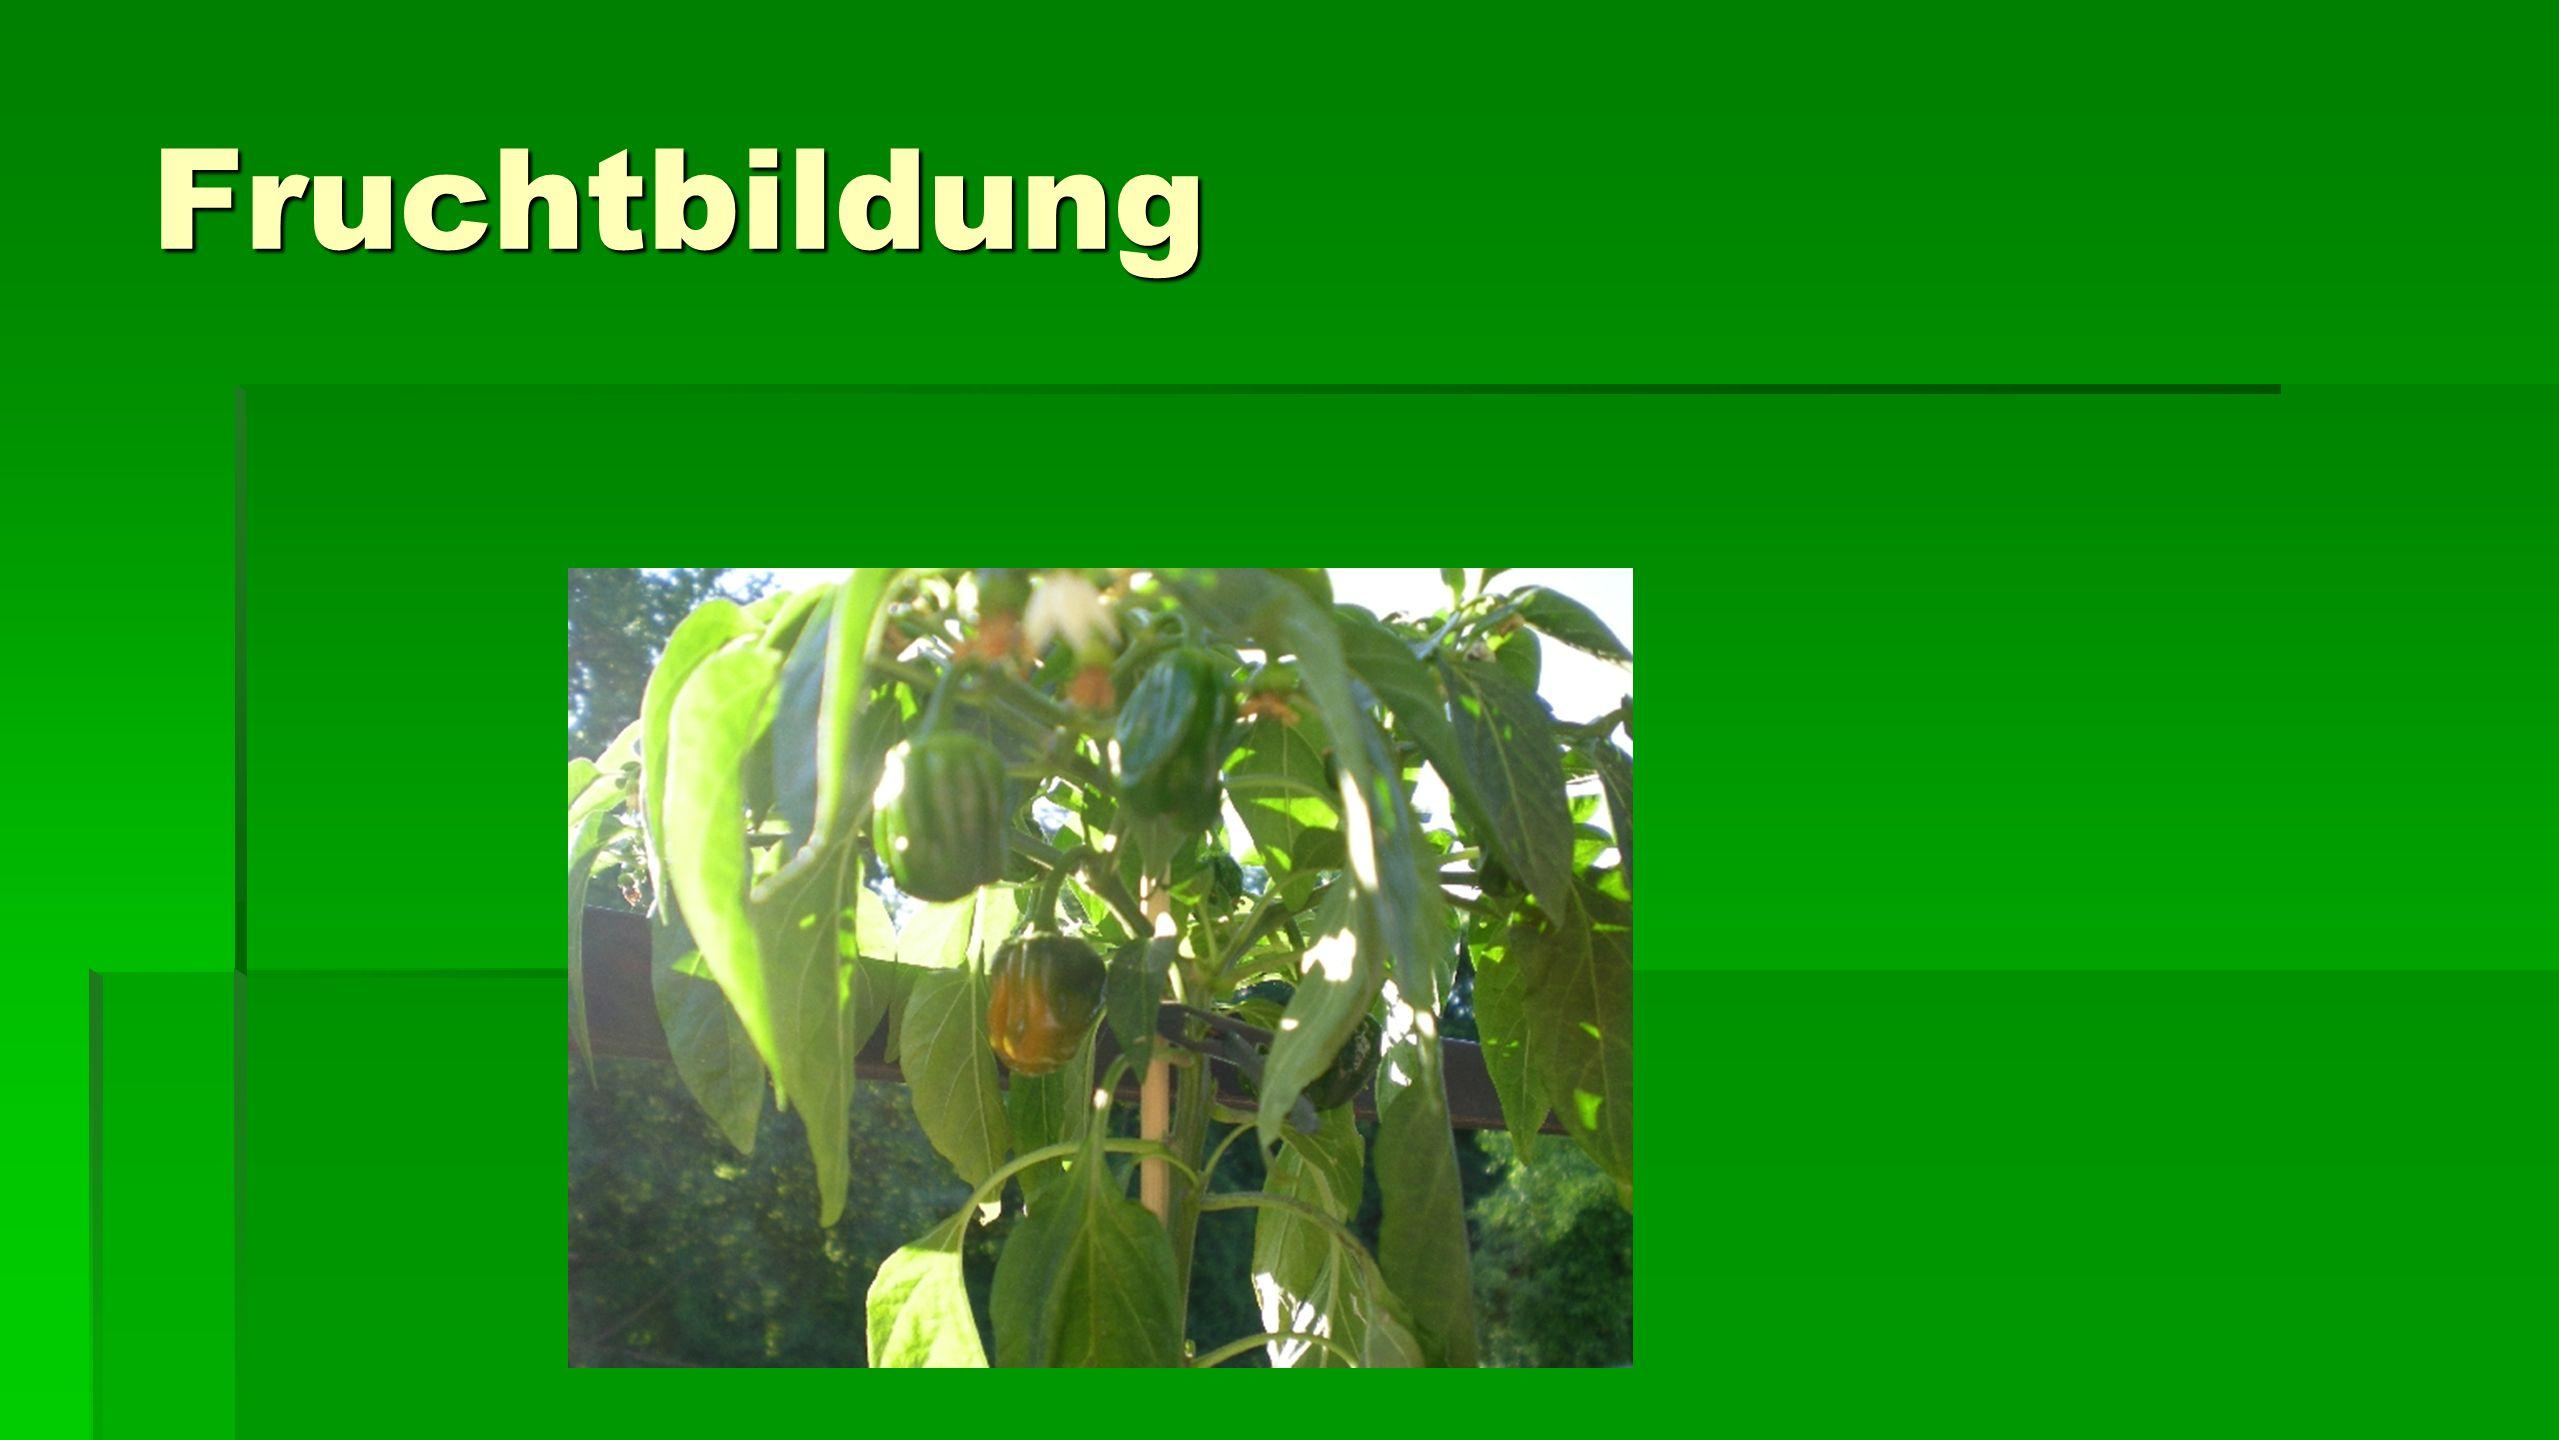 Fruchtbildung